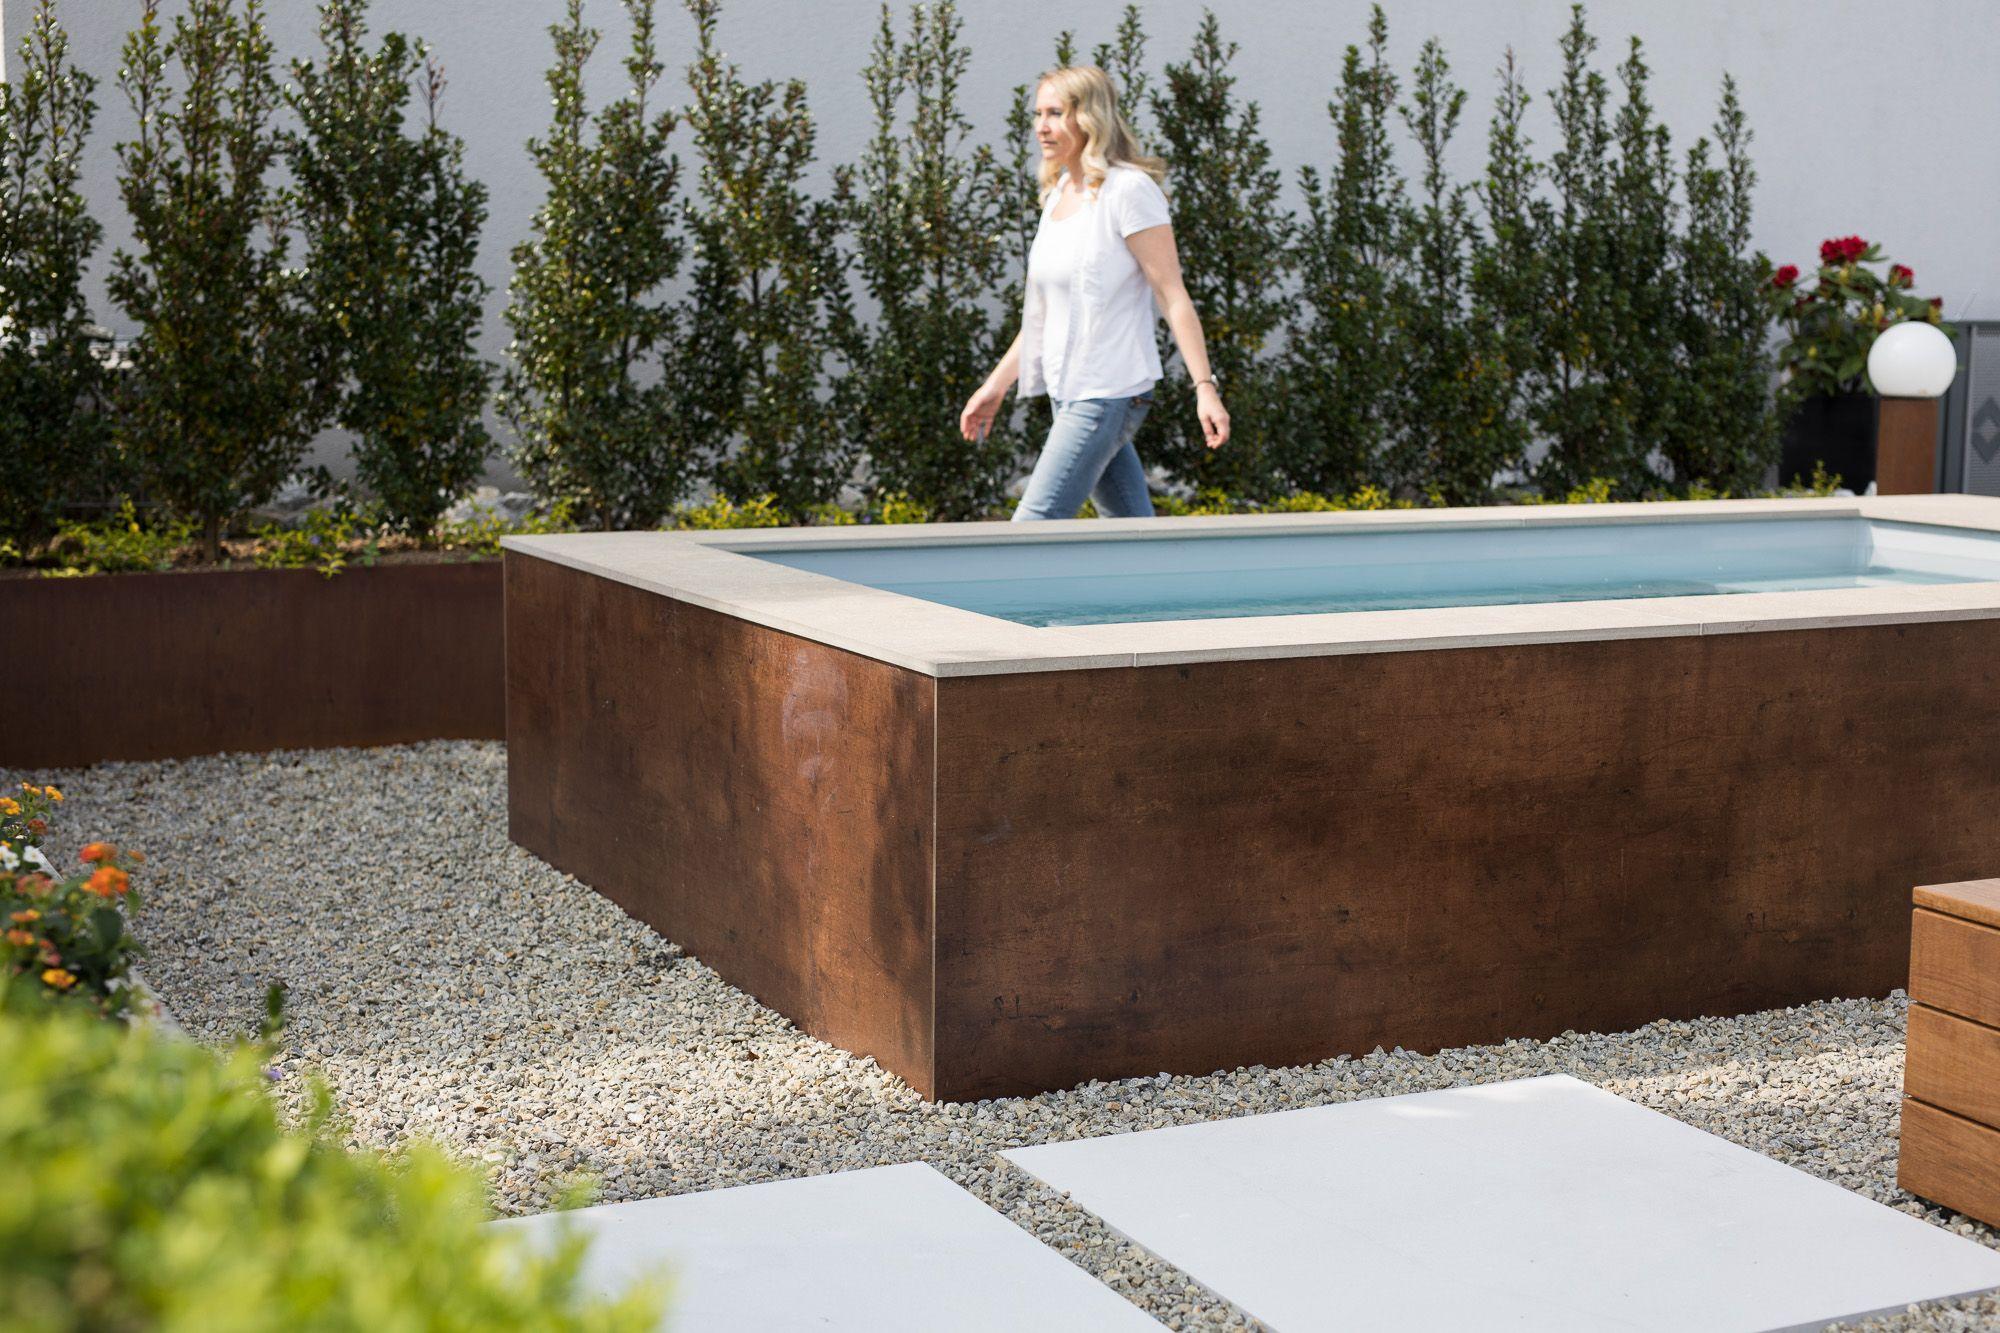 Full Size of Mini Pool Online Kaufen Garten Gfk Miniküche Mit Kühlschrank Küche Billig Whirlpool Im Bauen Ikea Bad Aluminium Fenster Outdoor Betten 140x200 Alte Wohnzimmer Mini Pool Kaufen